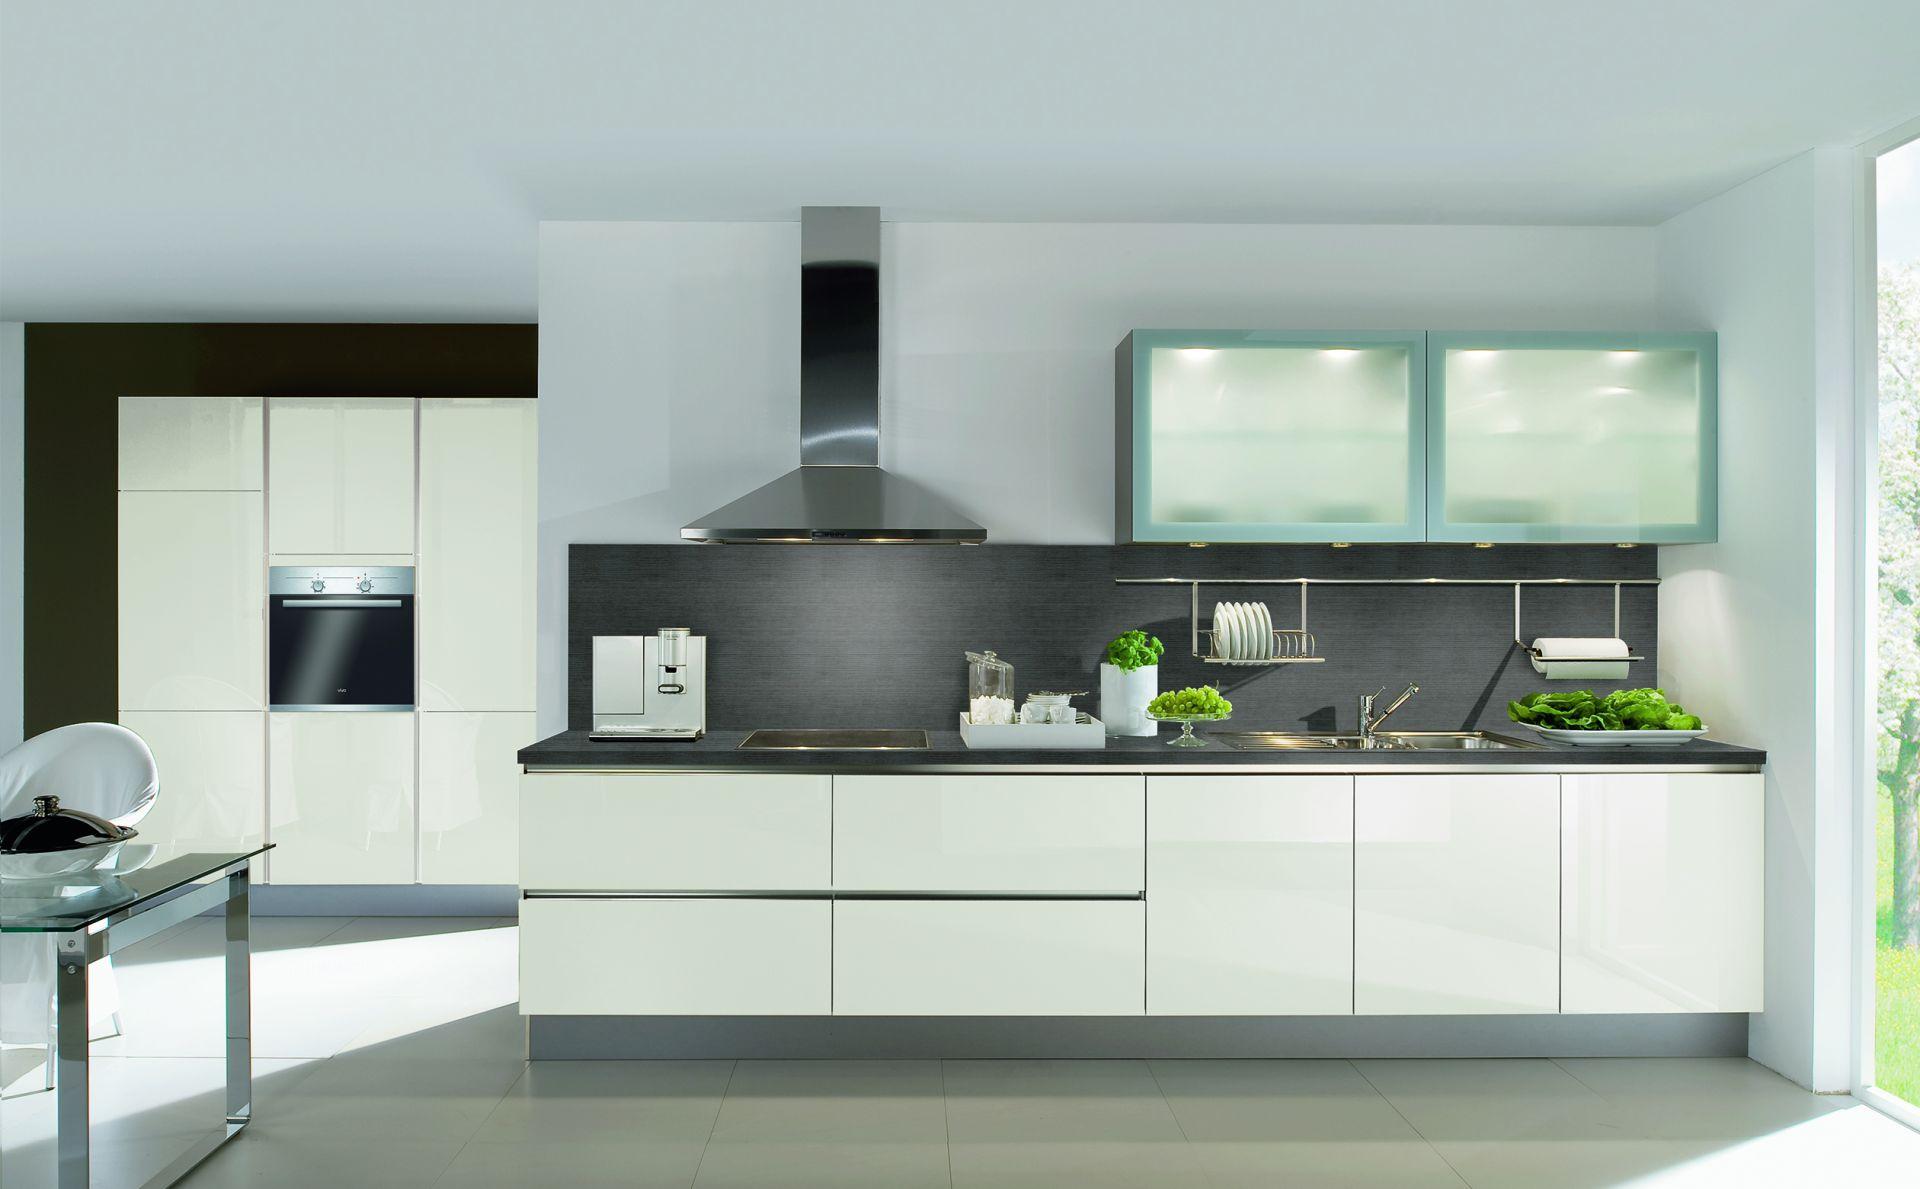 h cker k chen tischlerei josef feuerstein vorarlberg. Black Bedroom Furniture Sets. Home Design Ideas